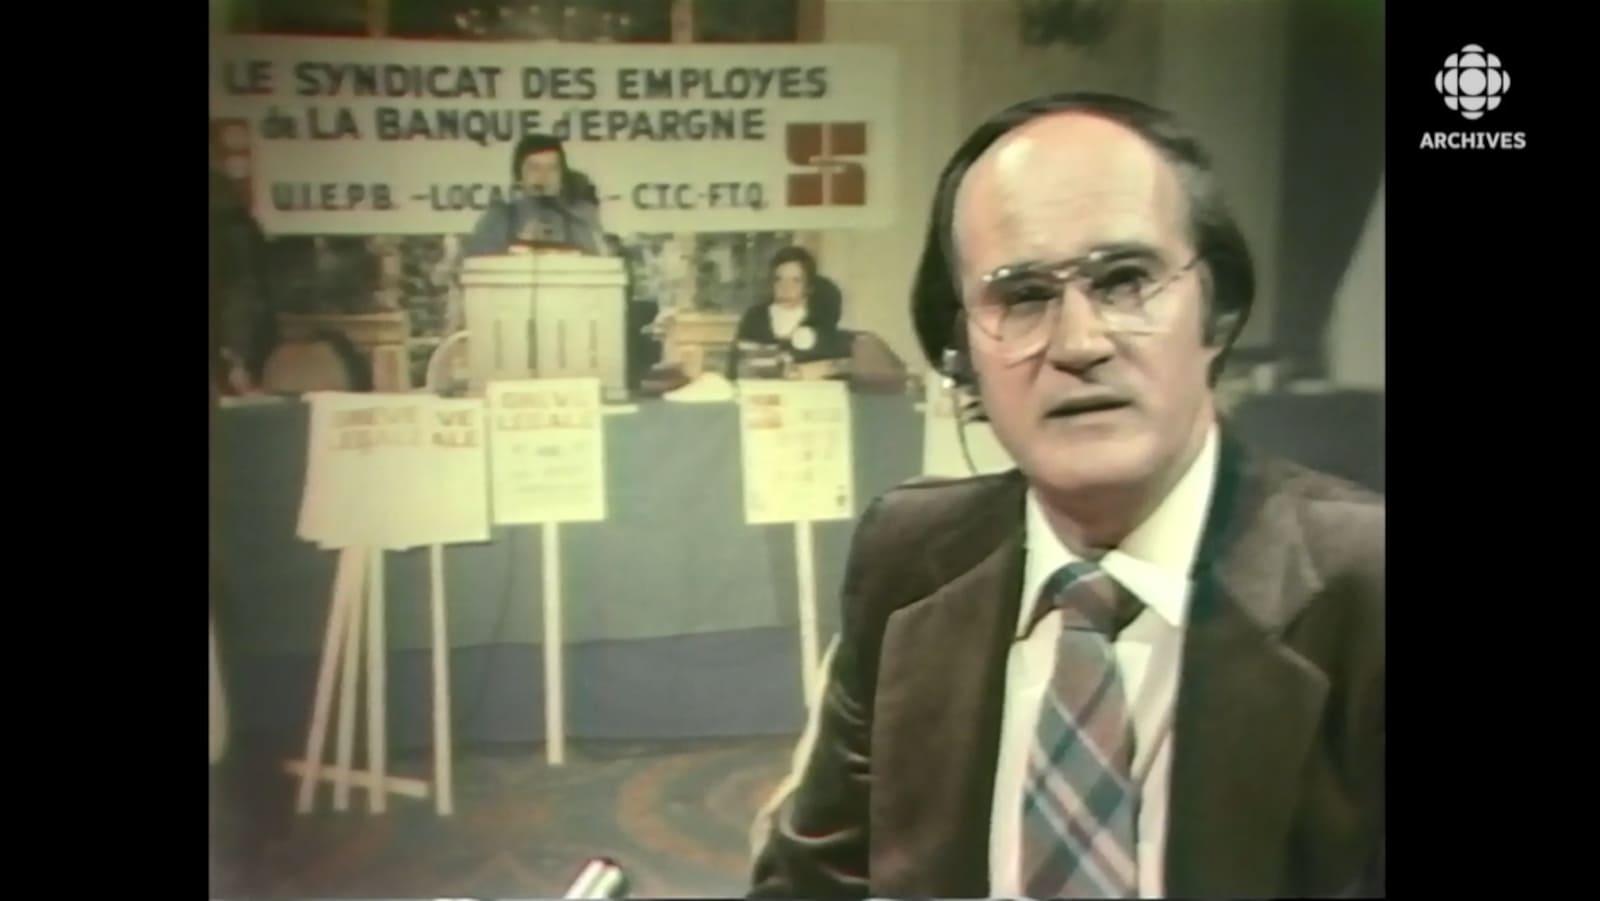 Le présentateur Gabi Drouin devant une mortaise d'une photo de l'assemblée de grève.